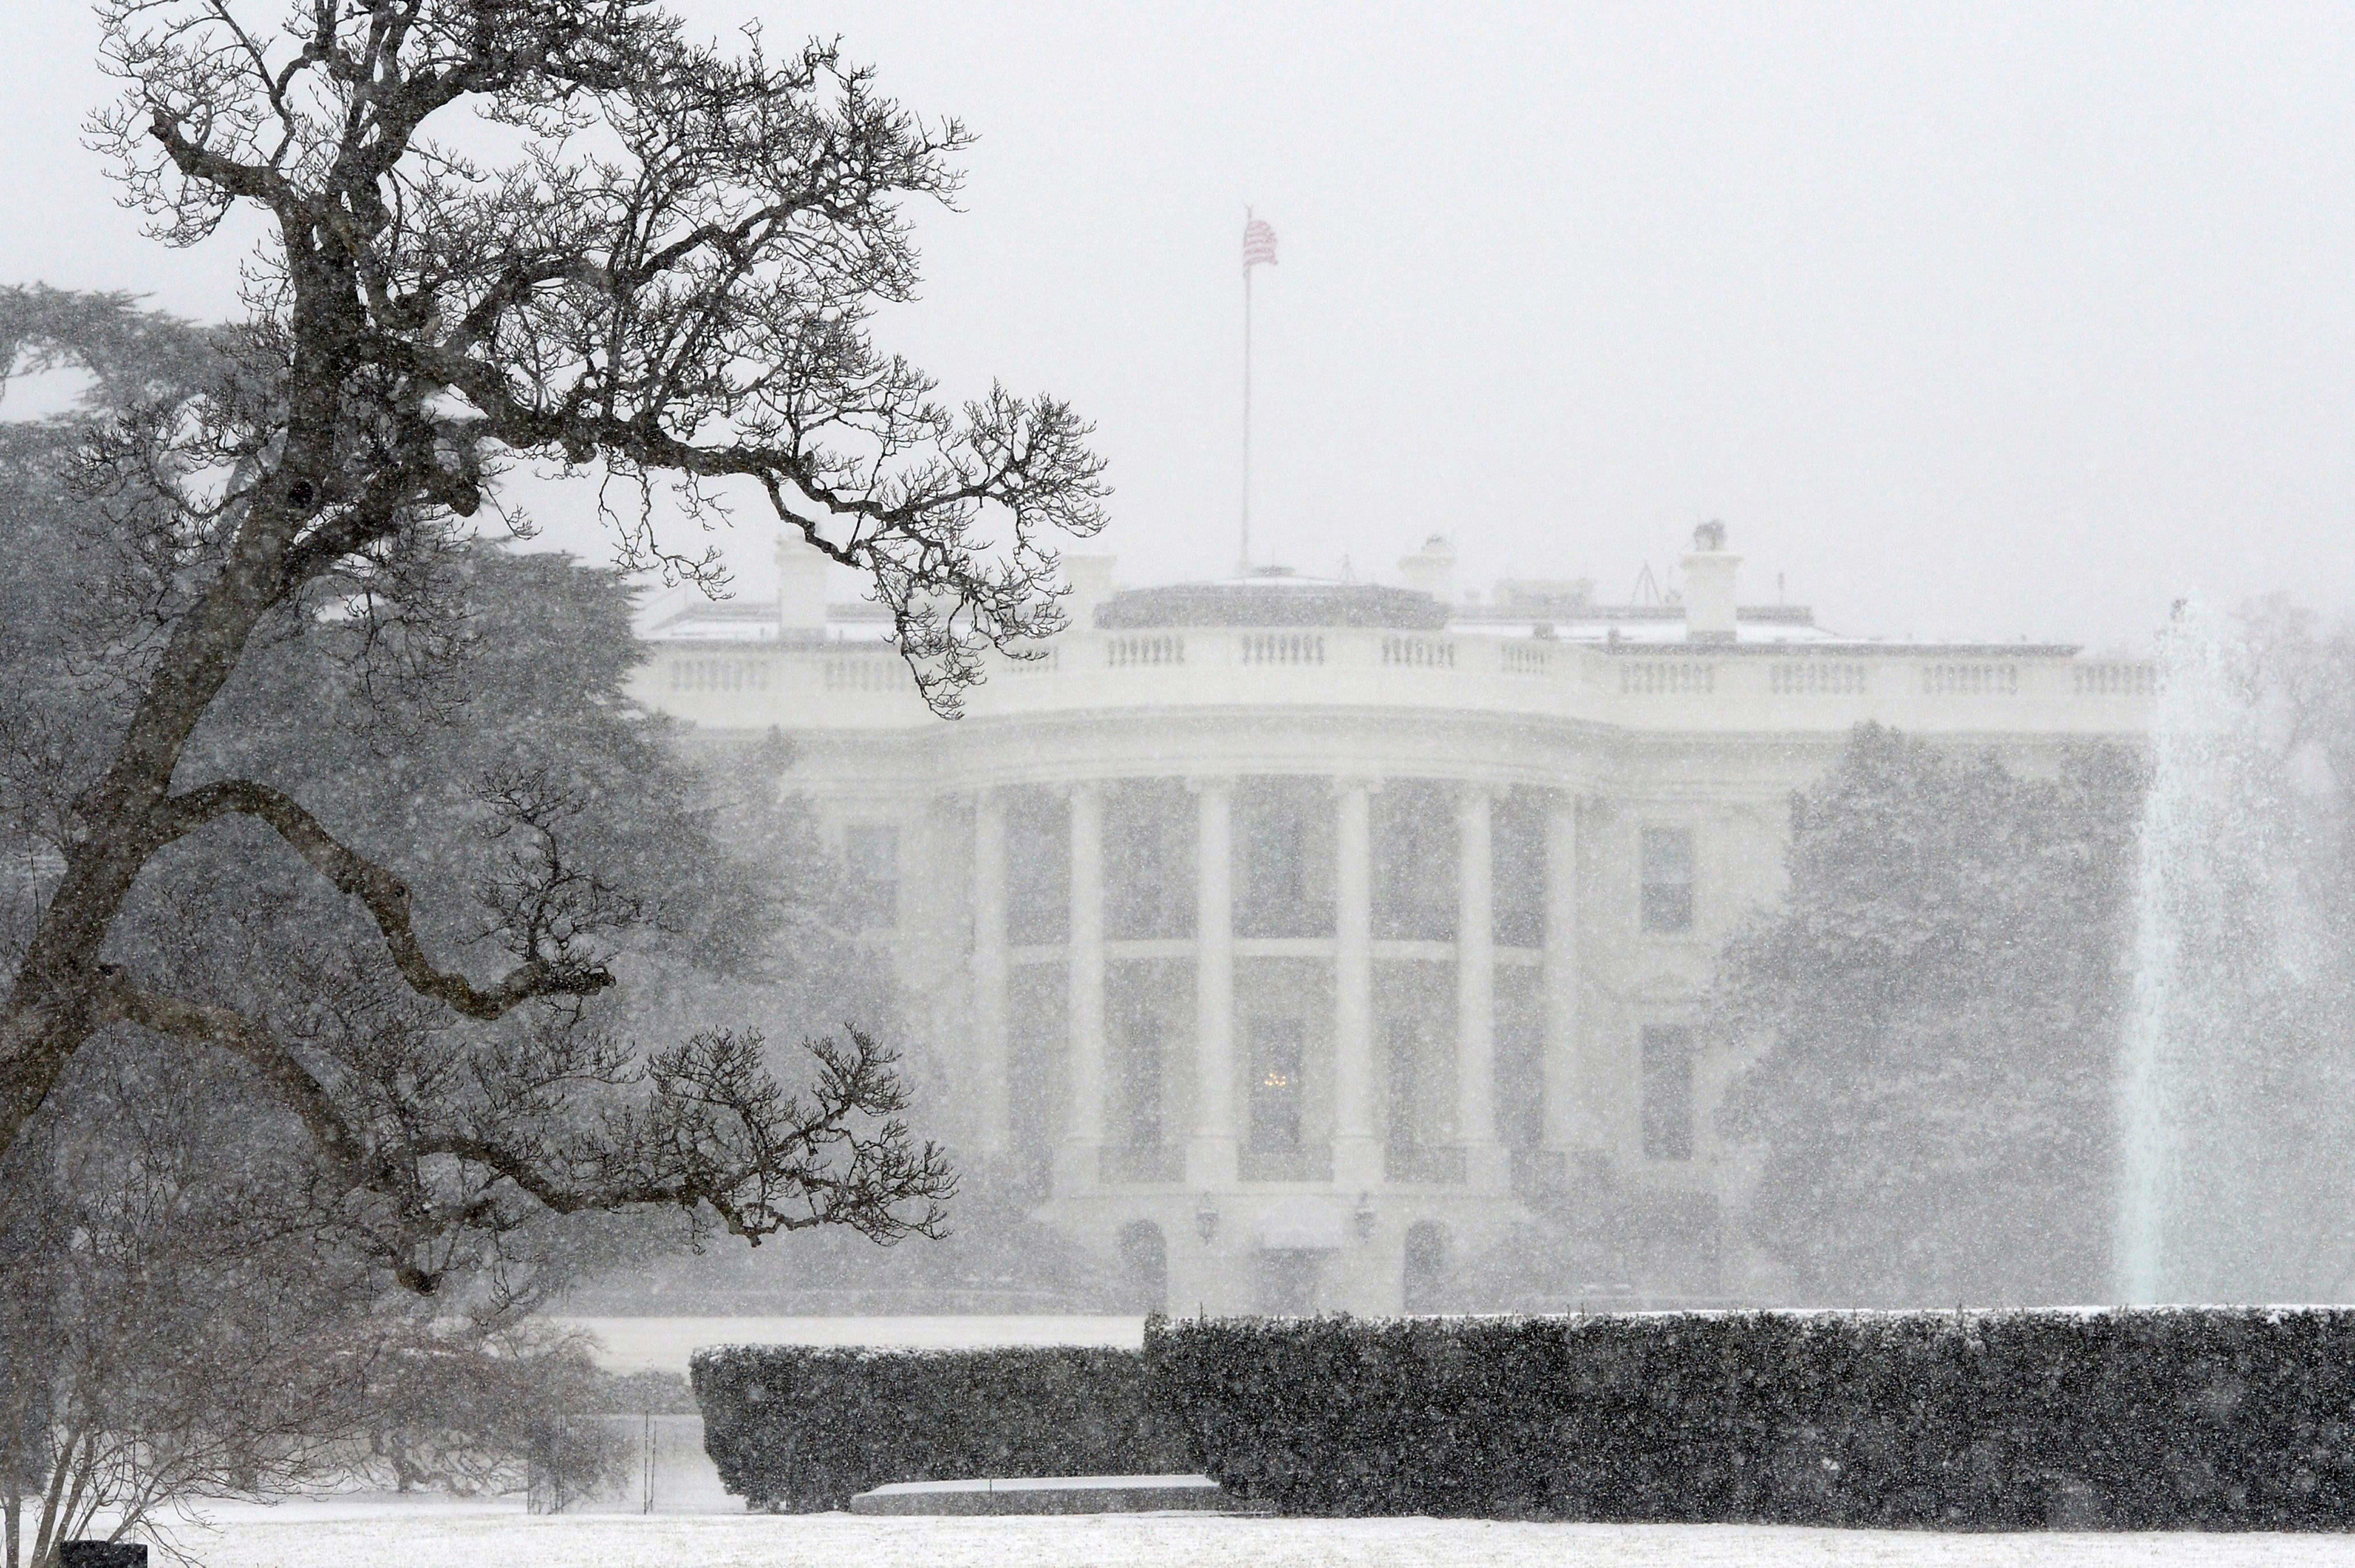 El temporal de nieve azota la costa oeste de Estados Unidos